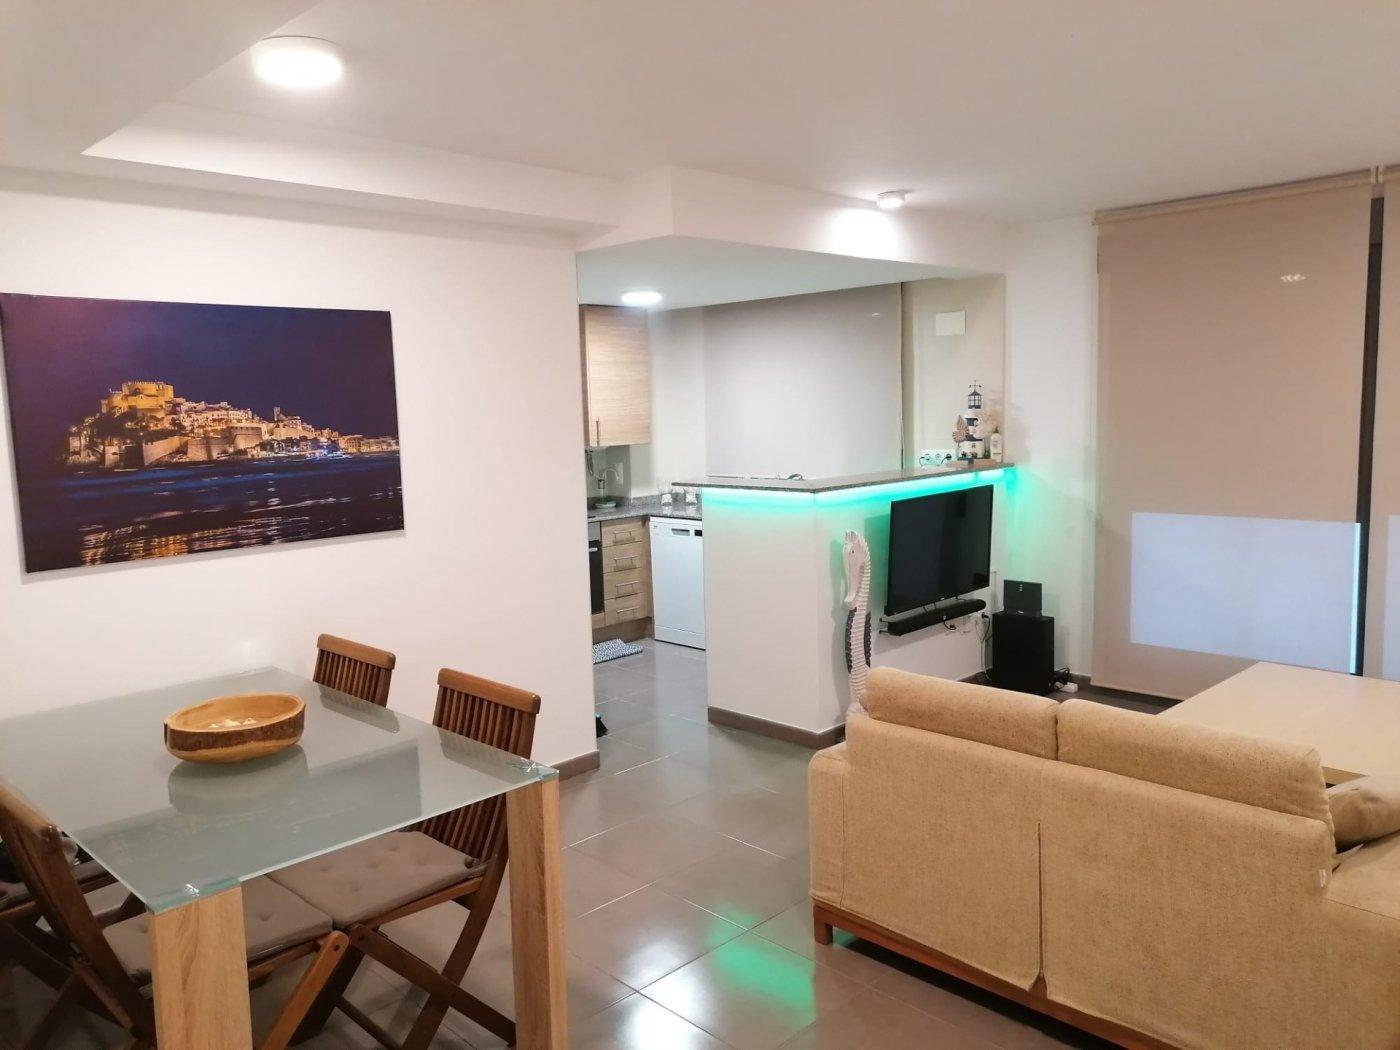 Fantástico apartamento en peñíscola 1 hab - imagenInmueble19